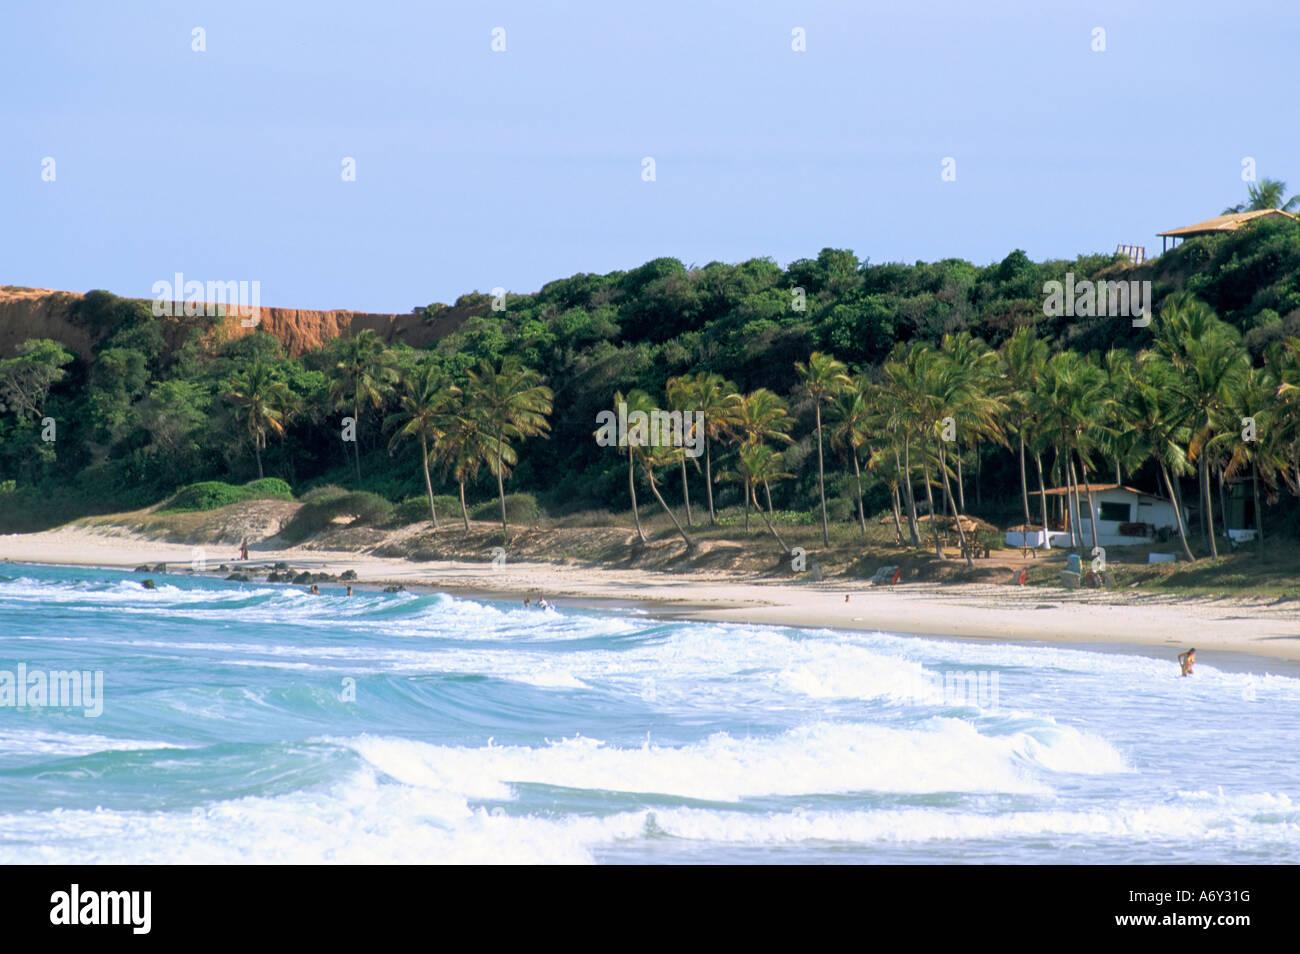 Praia do Amor Pipa Natal, estado de Rio Grande do Norte Brasil América del Sur Imagen De Stock